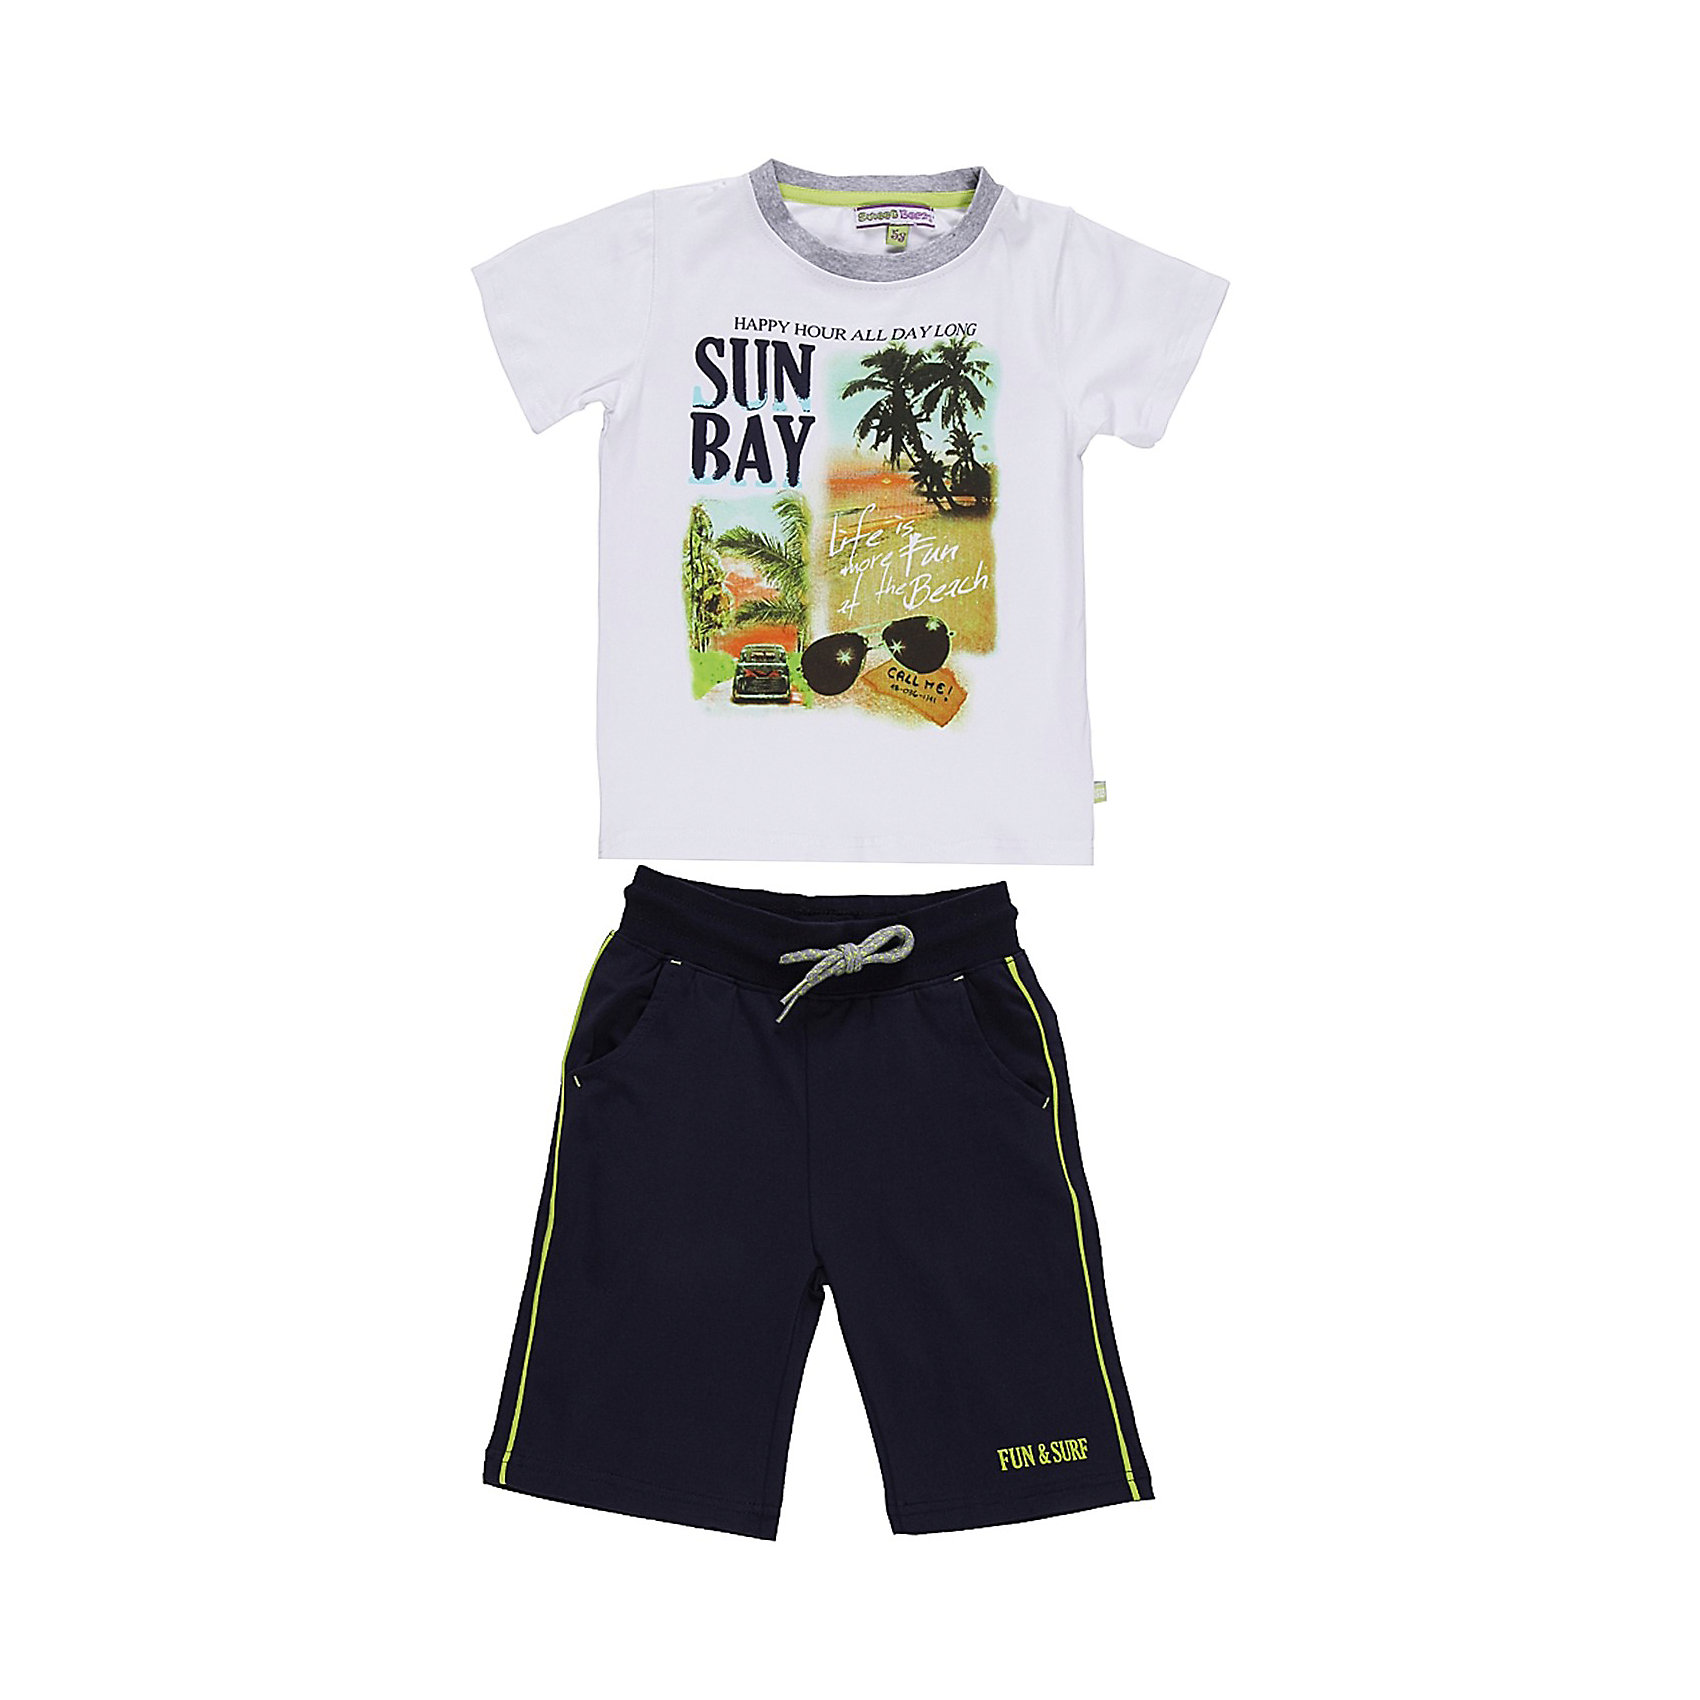 Комплект для мальчика: футболка и шорты Sweet BerryКомплекты<br>Летний комплект футболка и шорты для мальчика. Шорты на эластичном поясе с внутренней резинкой и дополнительных хлопковым шнурком. Футболка украшена модными принтом.<br>Состав:<br>95% хлопок 5% эластан<br><br>Ширина мм: 199<br>Глубина мм: 10<br>Высота мм: 161<br>Вес г: 151<br>Цвет: синий/белый<br>Возраст от месяцев: 24<br>Возраст до месяцев: 36<br>Пол: Мужской<br>Возраст: Детский<br>Размер: 98,104,128,122,110,116<br>SKU: 4522859